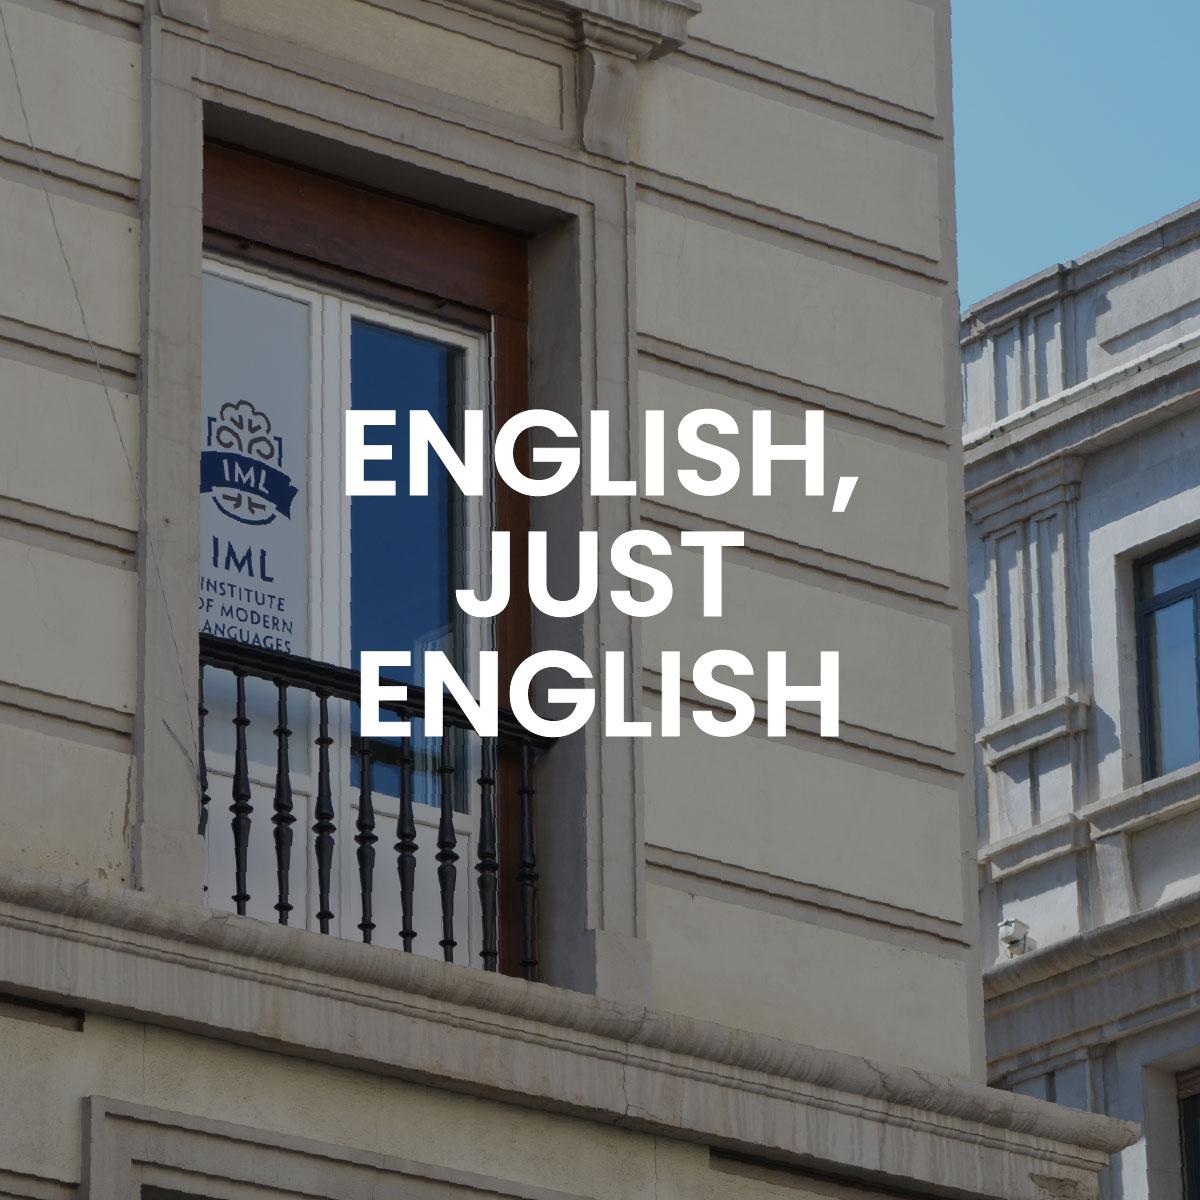 ENGLISH, JUST ENGLISH